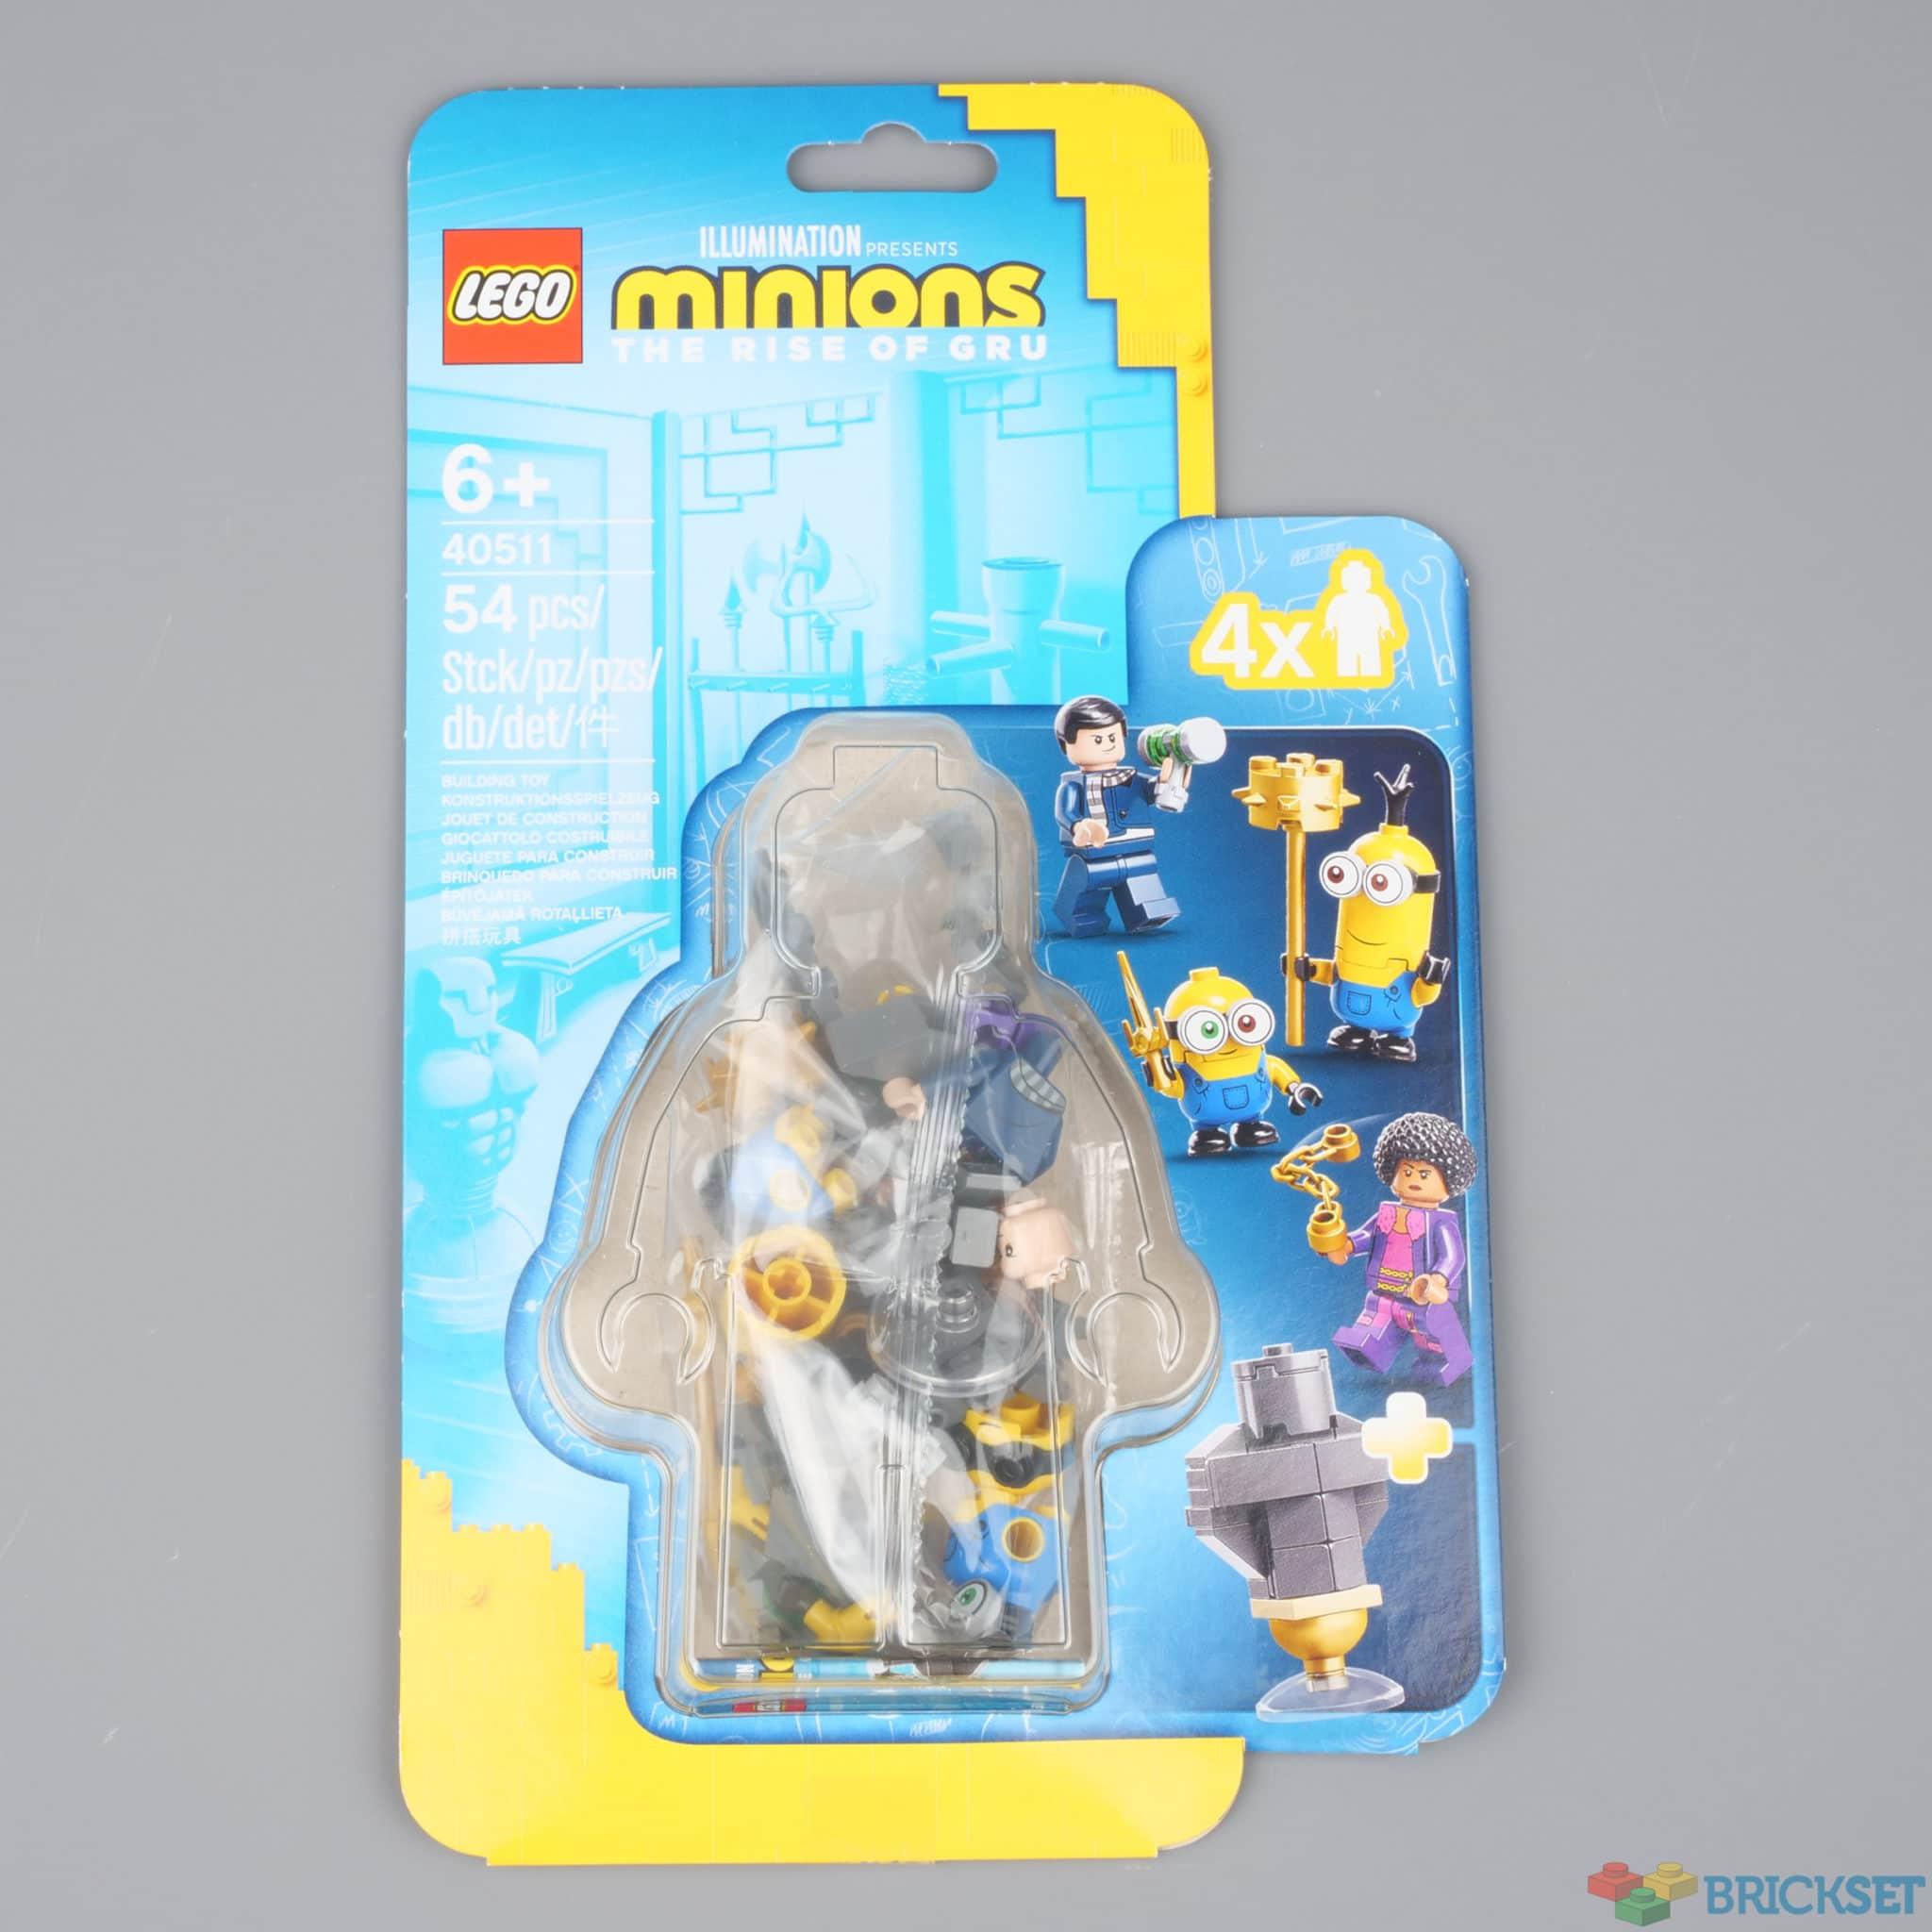 LEGO Minions 40511 Kung Fu Training 1 Brickset